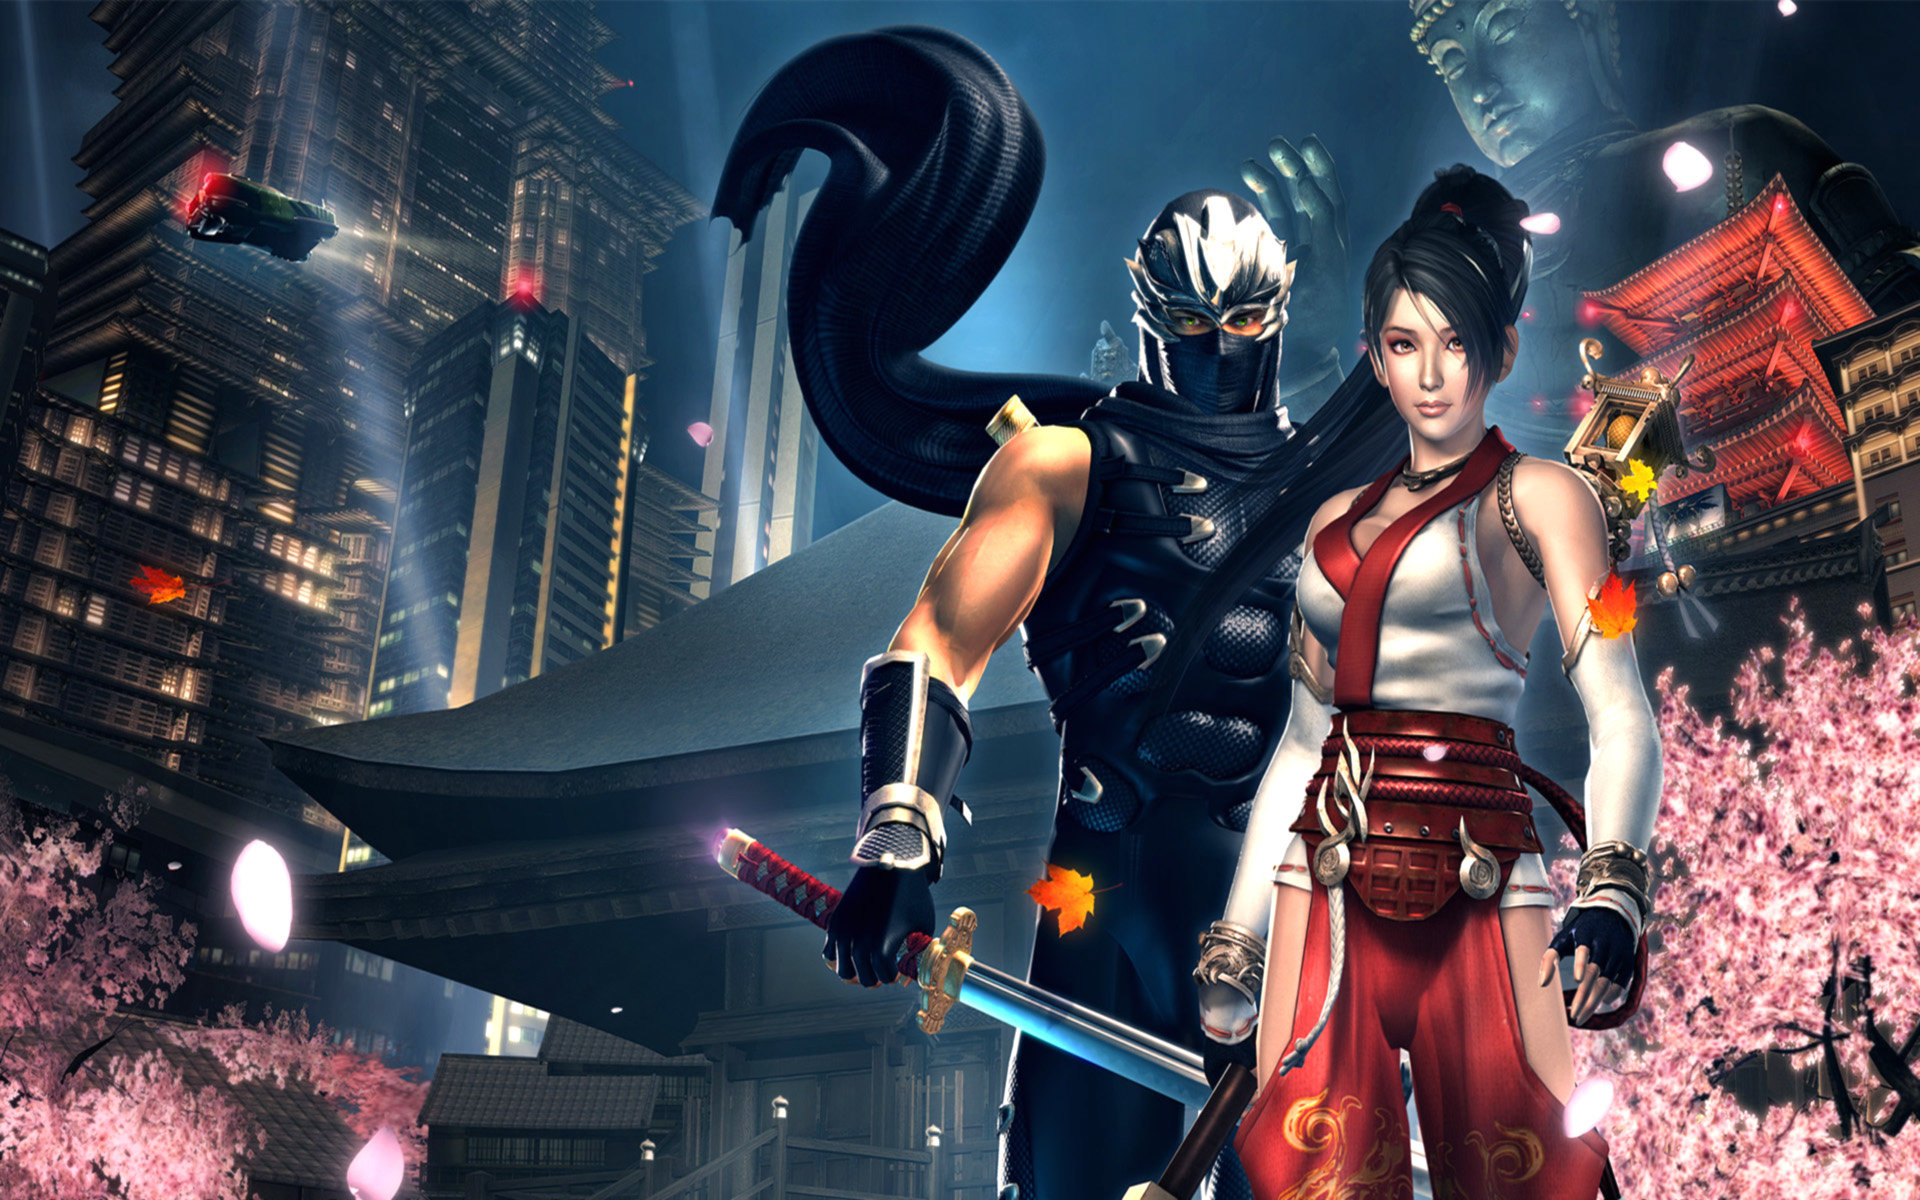 Ninja Gaiden Wallpapers Hd For Desktop Backgrounds